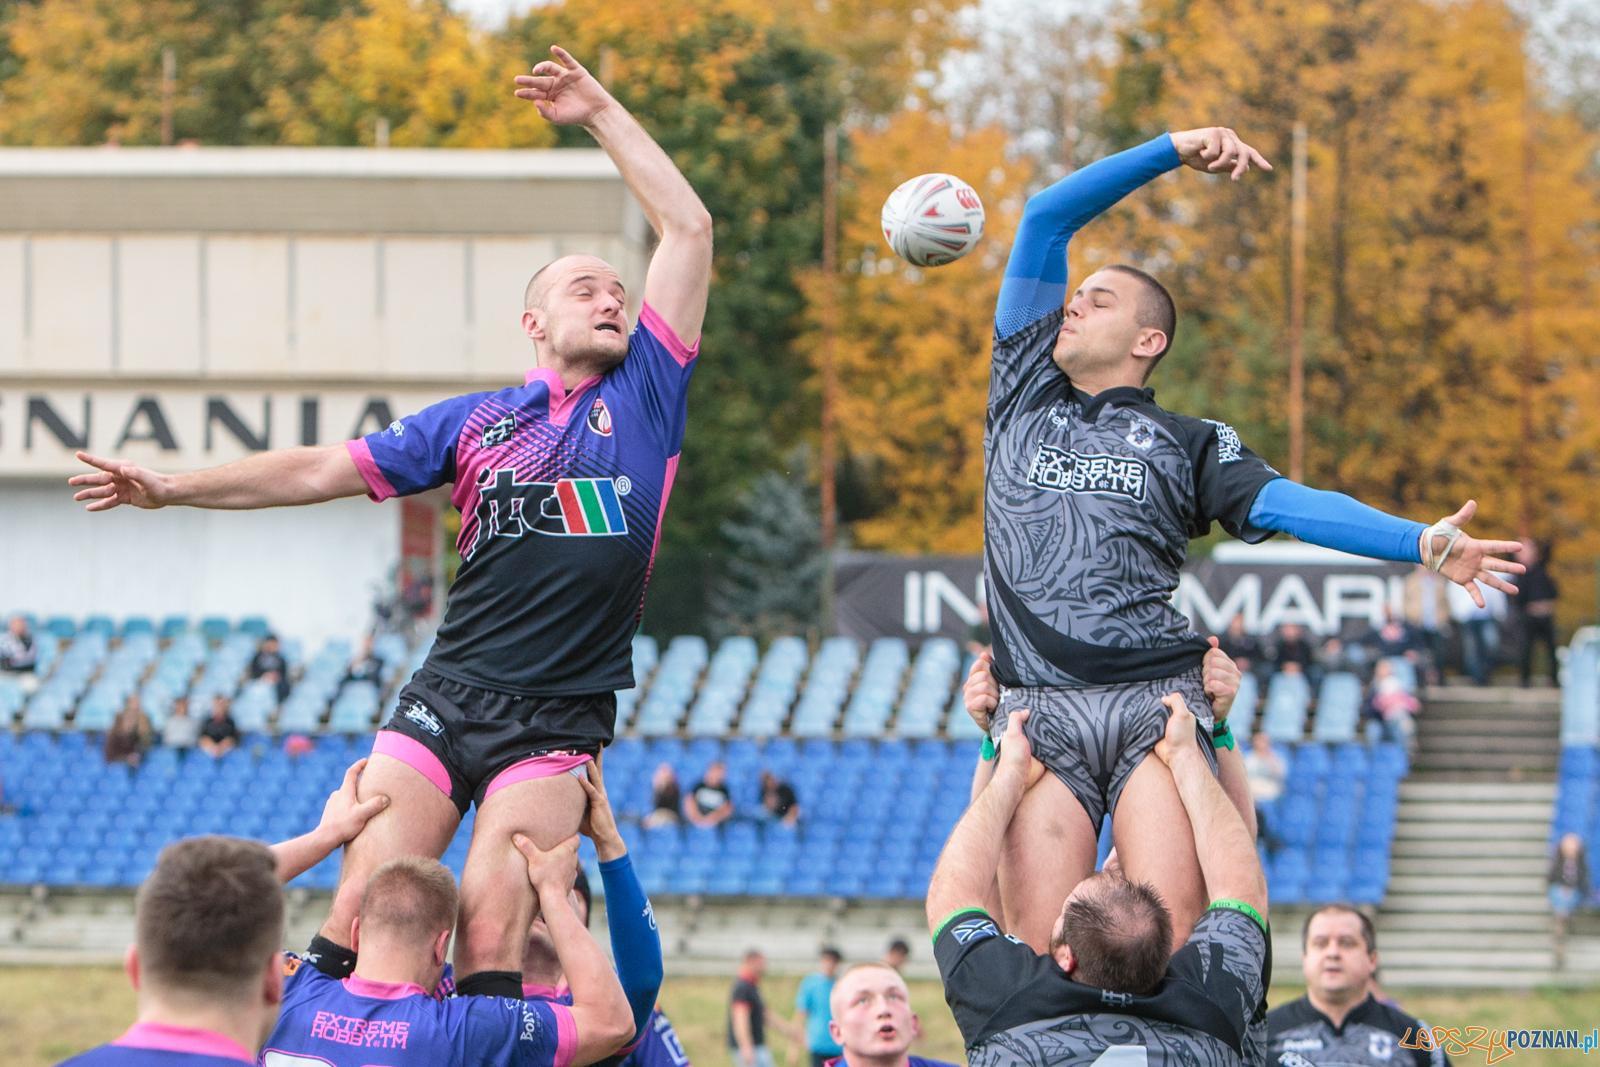 Rugby: Posnania Poznań - Chaos Poznań 27:20 - 15.10.2017 r.  Foto: LepszyPOZNAN.pl / Paweł Rychter